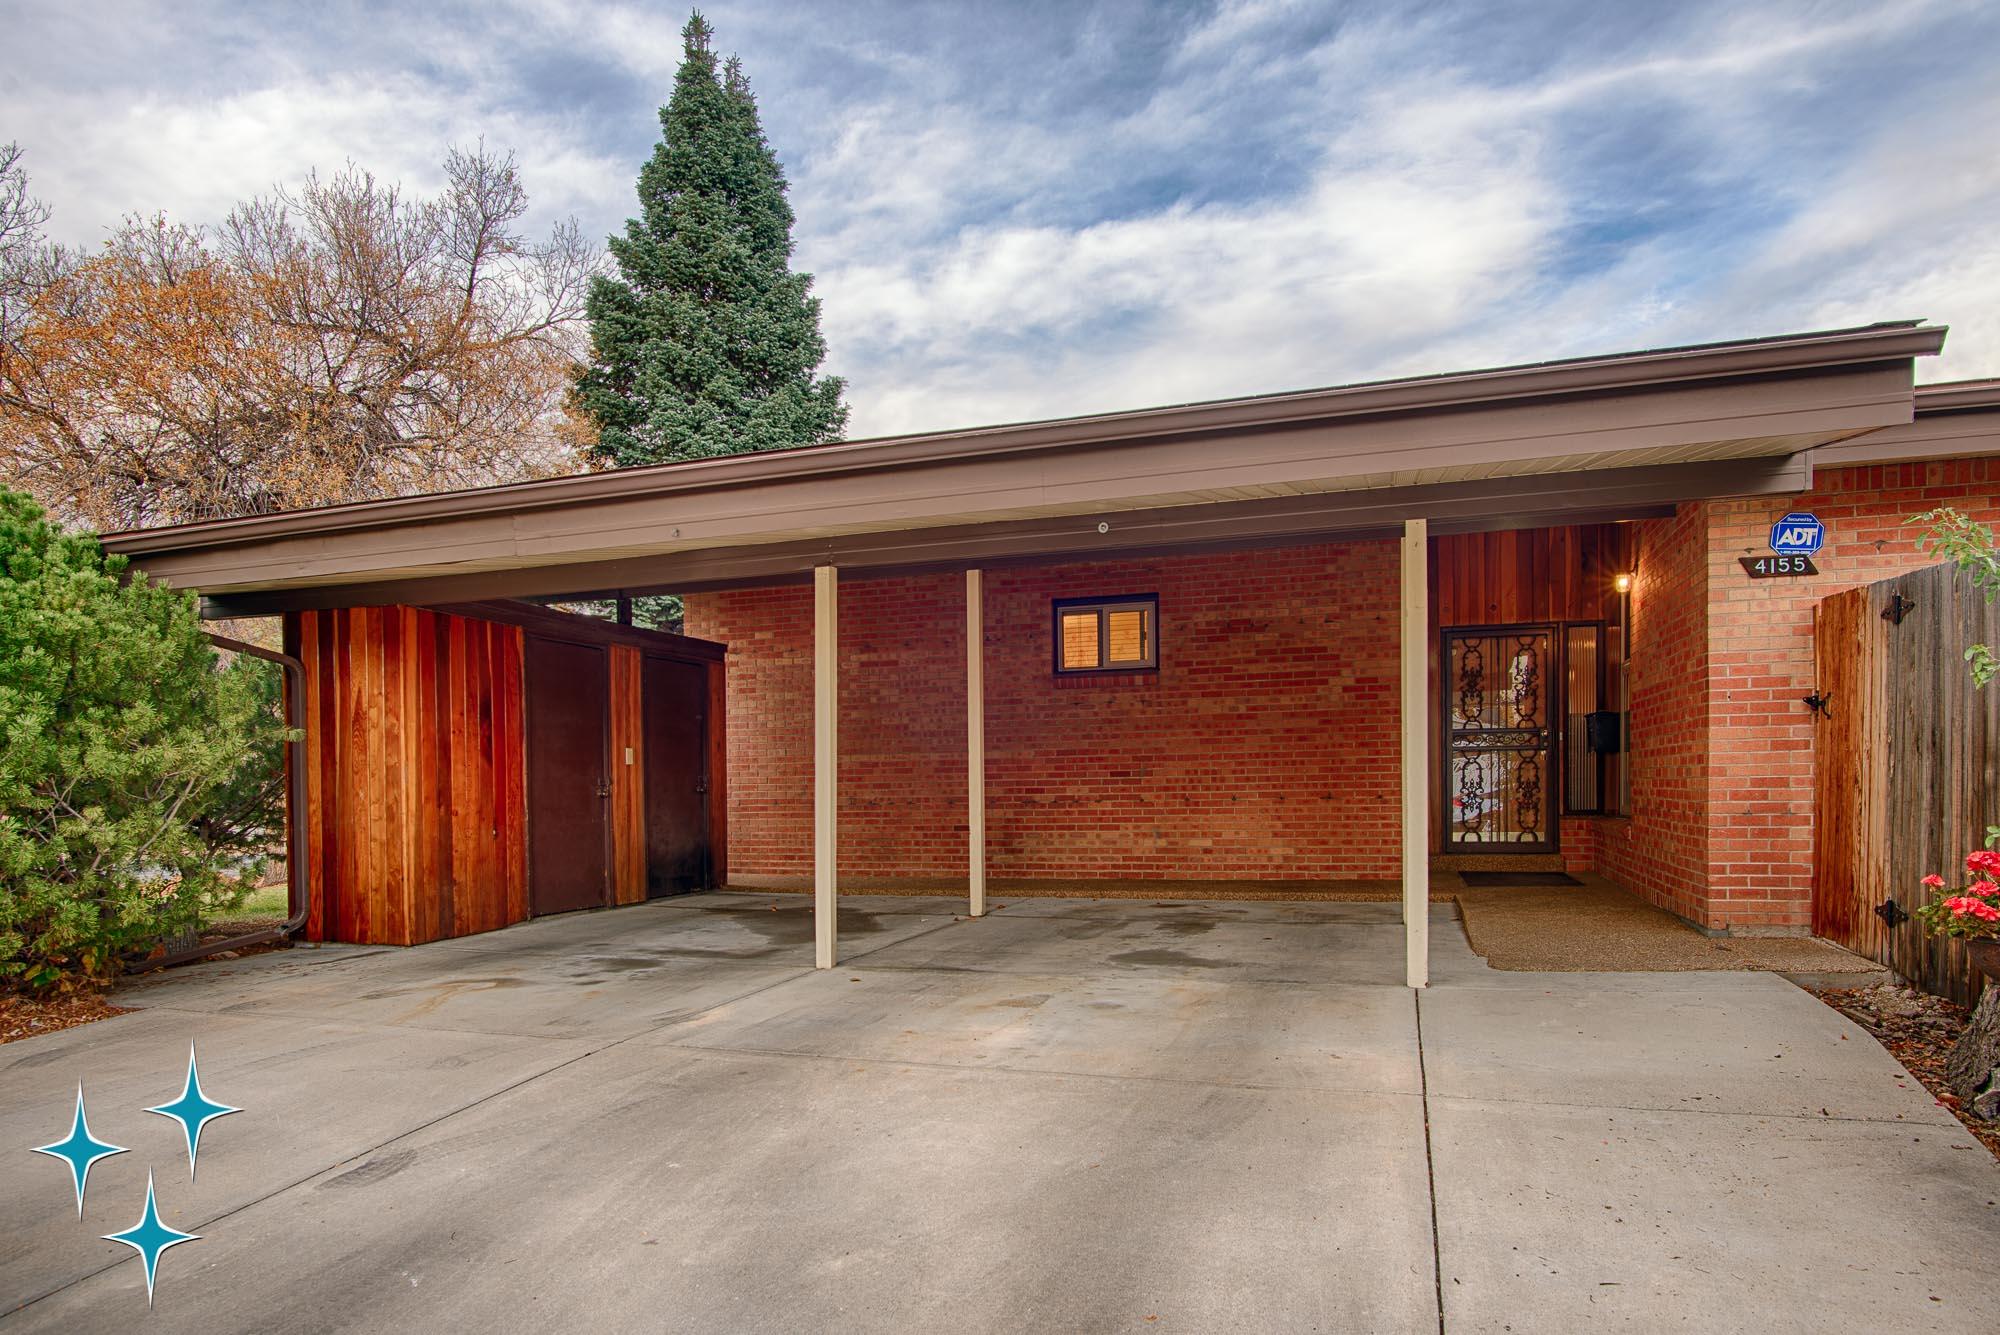 Adrian-Kinney-4155-W-Iliff-Avenue-Denver-r-Carey-Holiday-Home-2000w50-3SWM-3.jpg